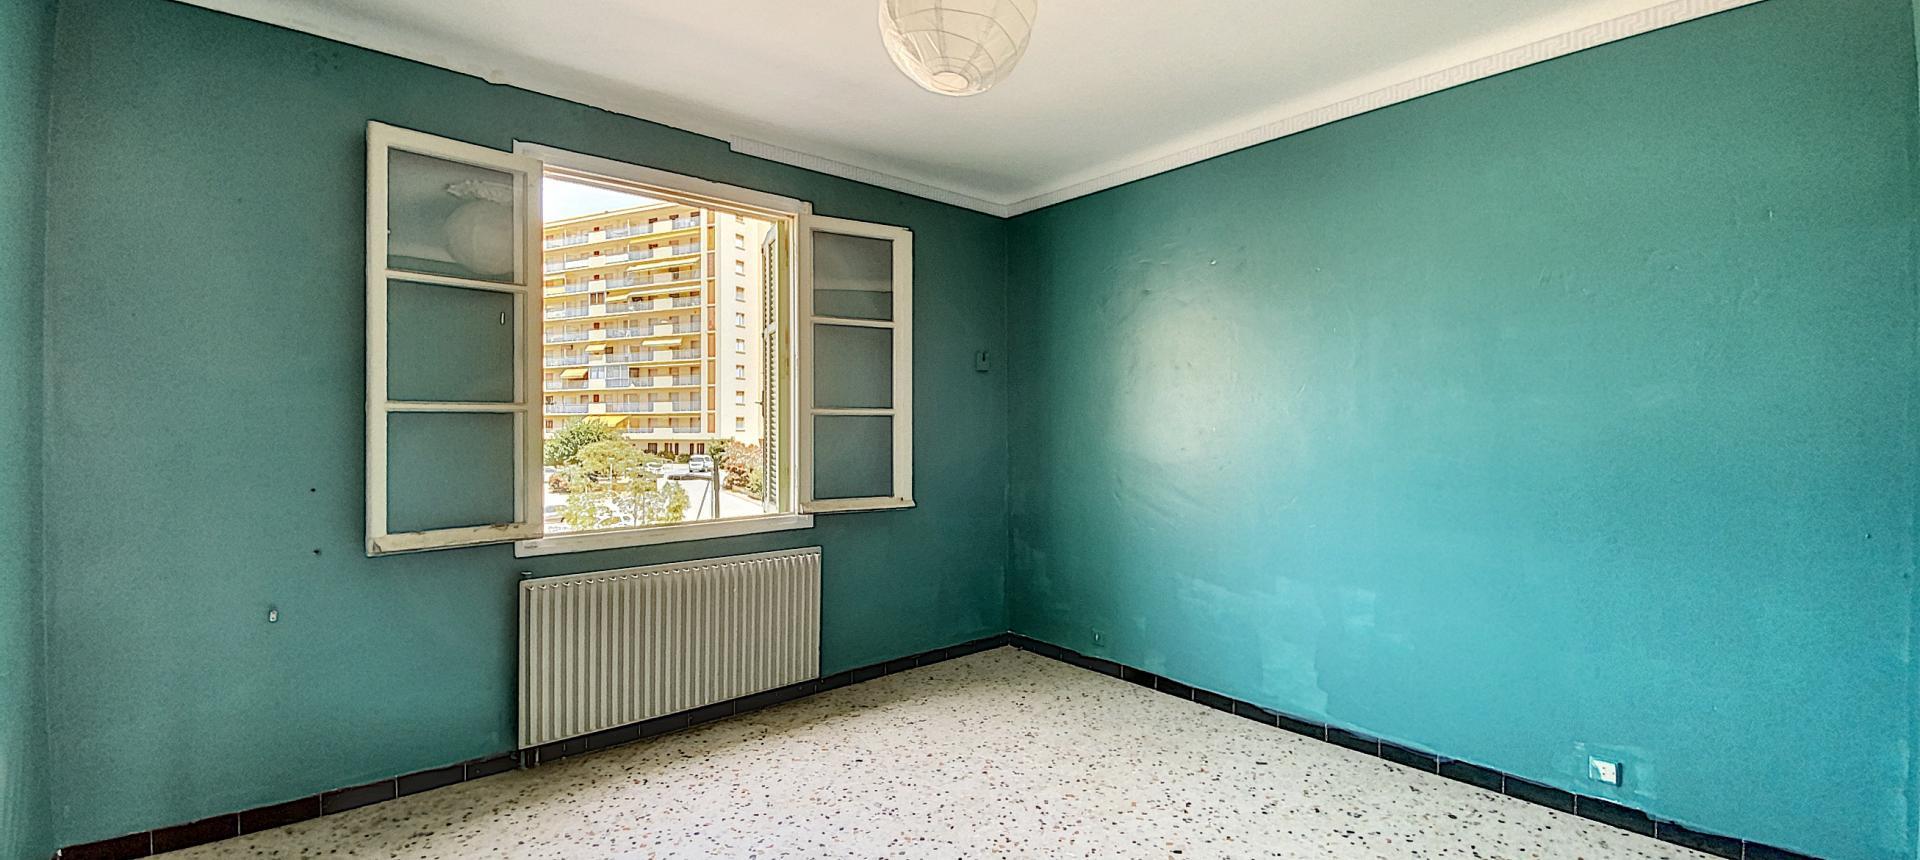 A vendre appartement F3 proche centre-ville - Vue chambre 2